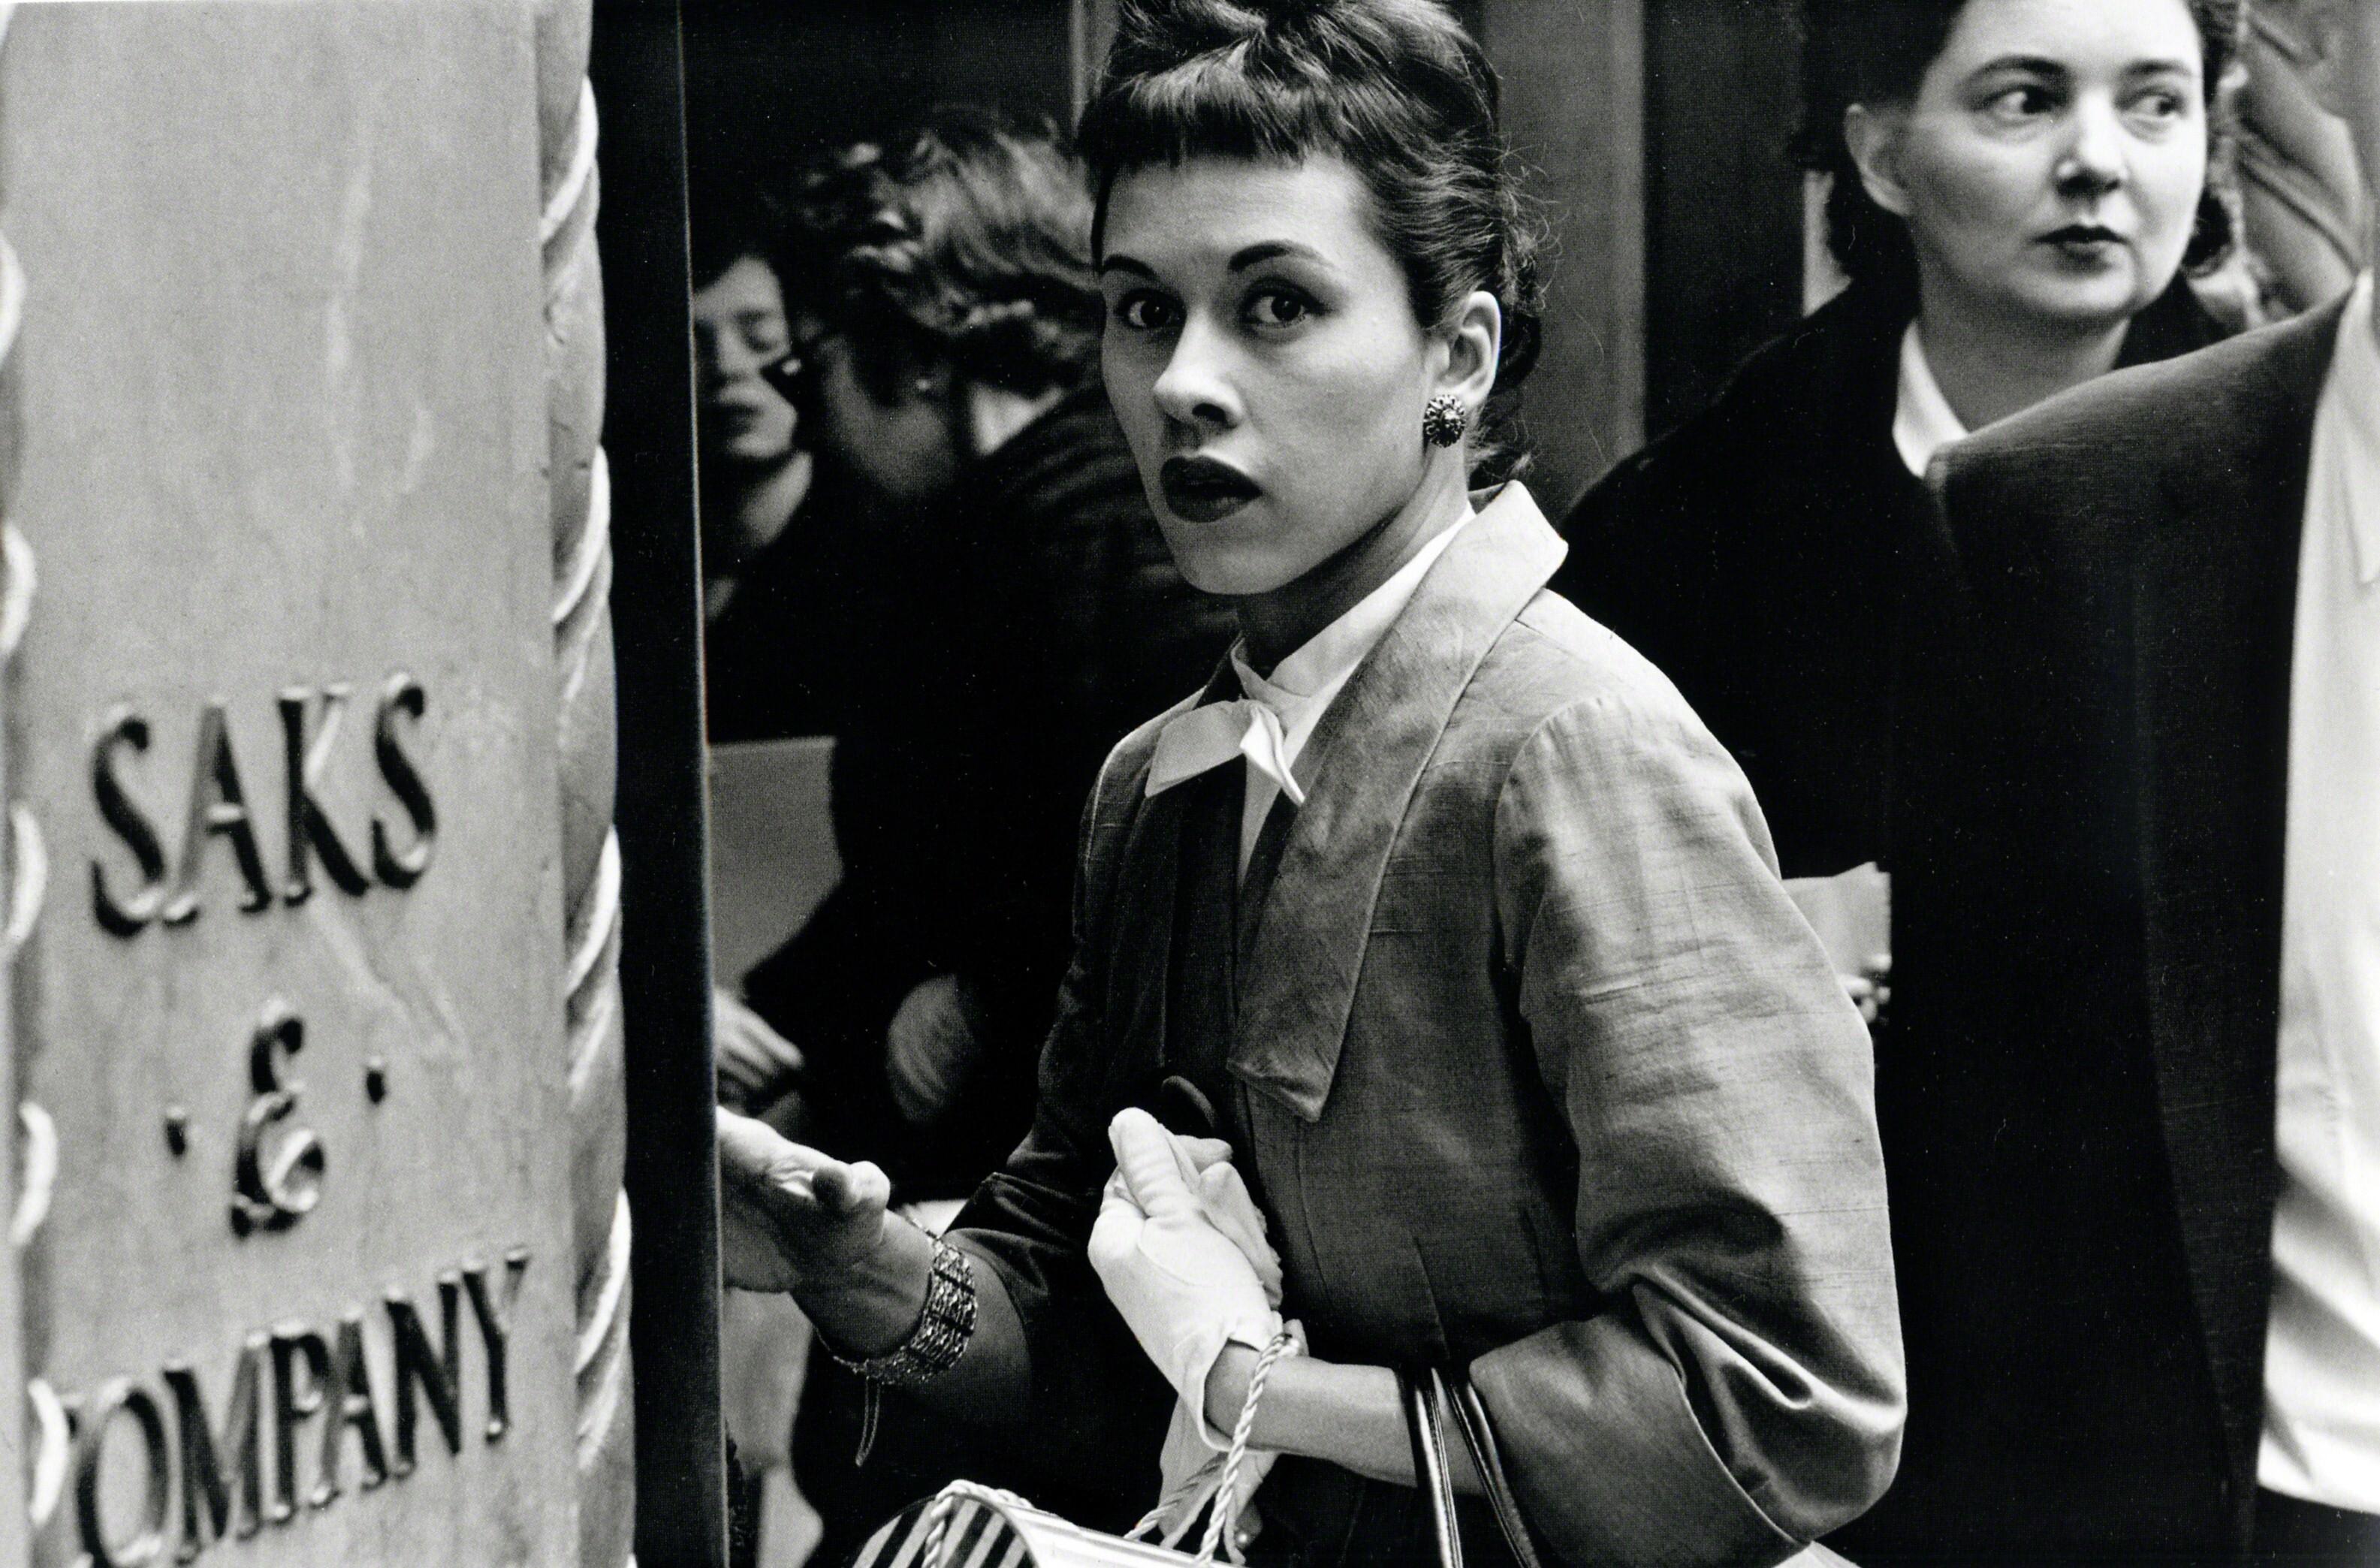 Удивлённая женщина. Нью-Йорк, 1956. Фотограф Фрэнк Полин